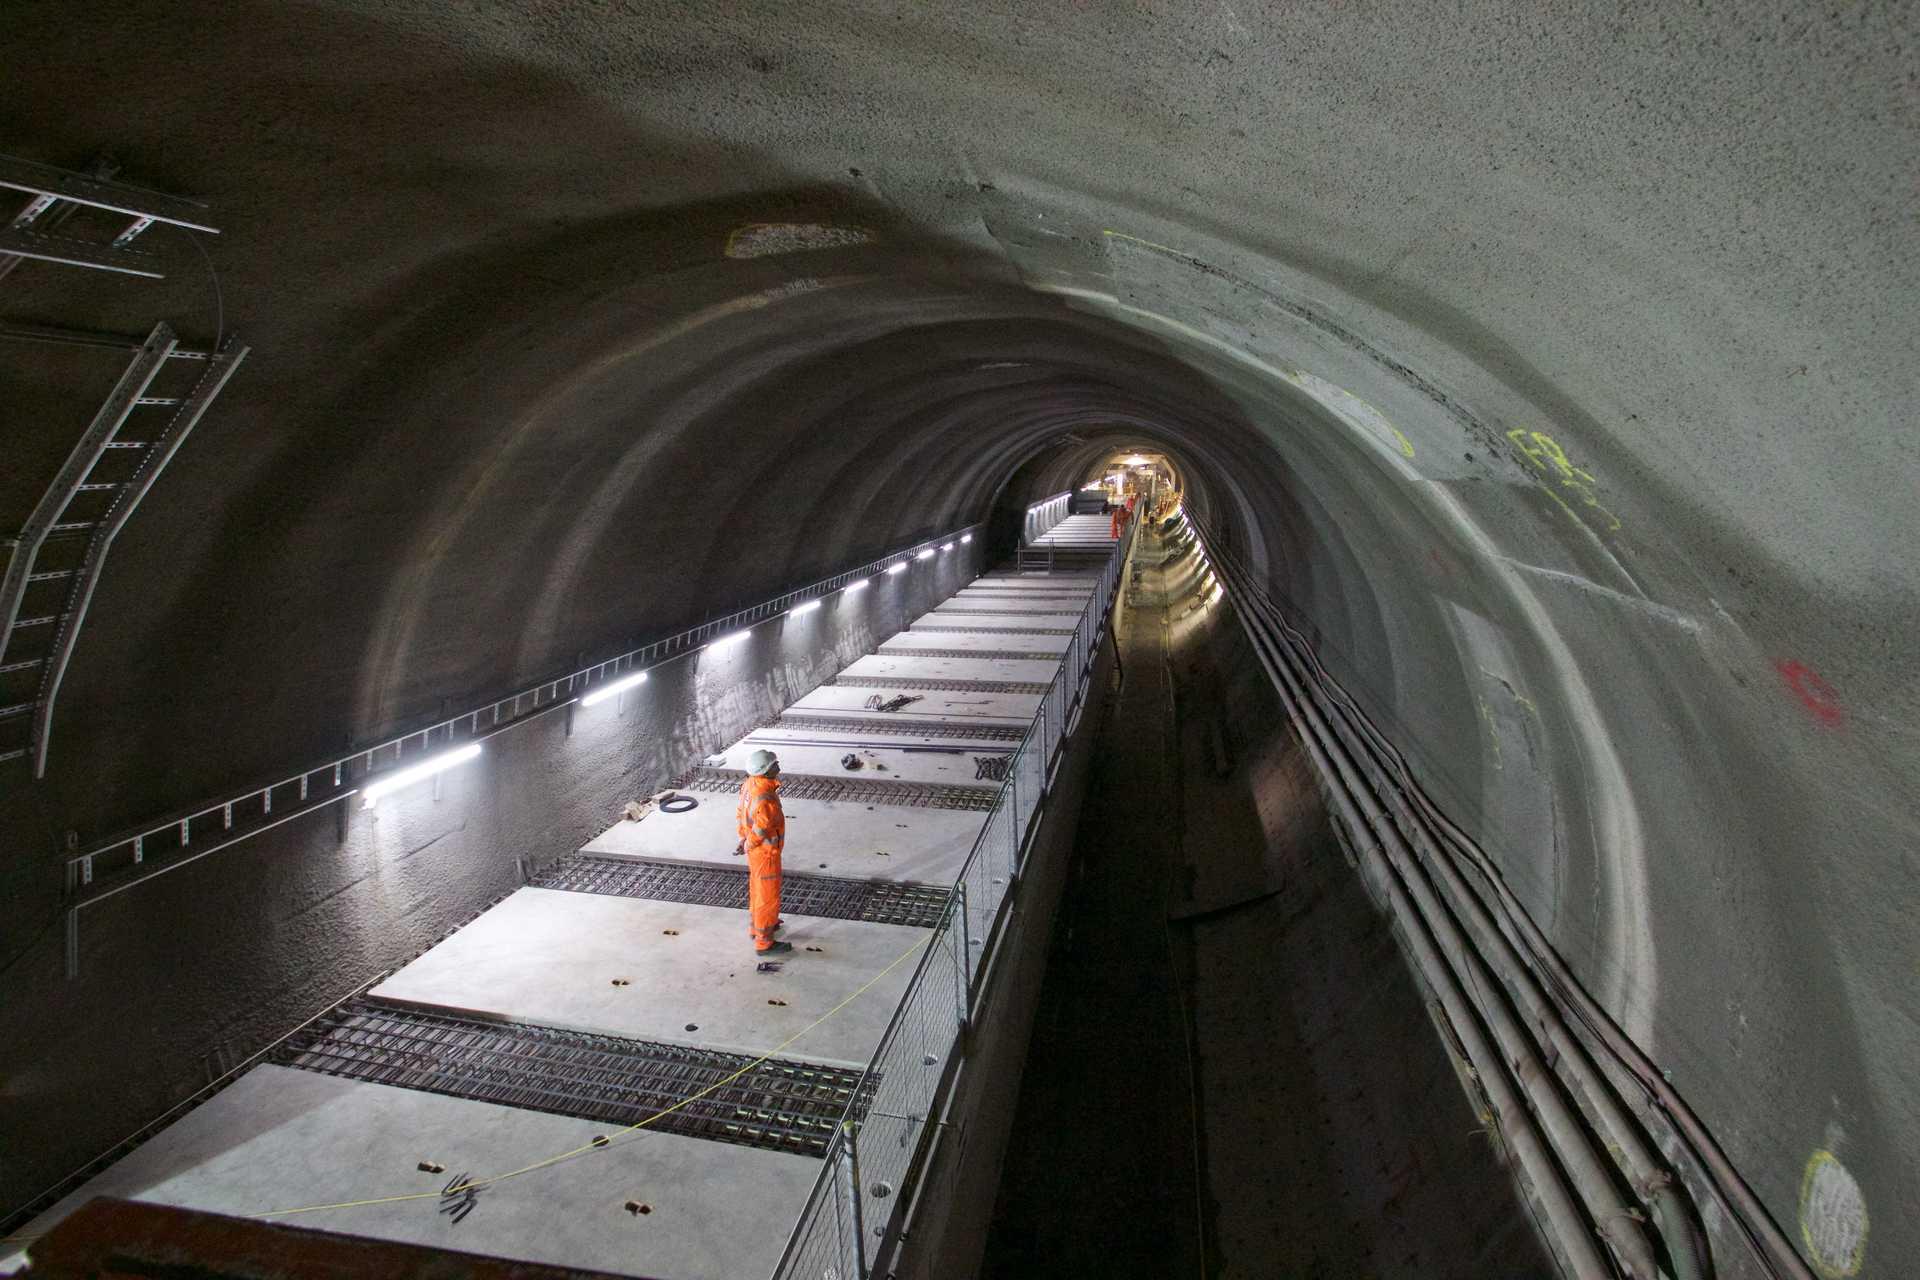 پروژه میلیاردی متروی لندن؛ بزرگترین پروژه زیرساختی اروپا